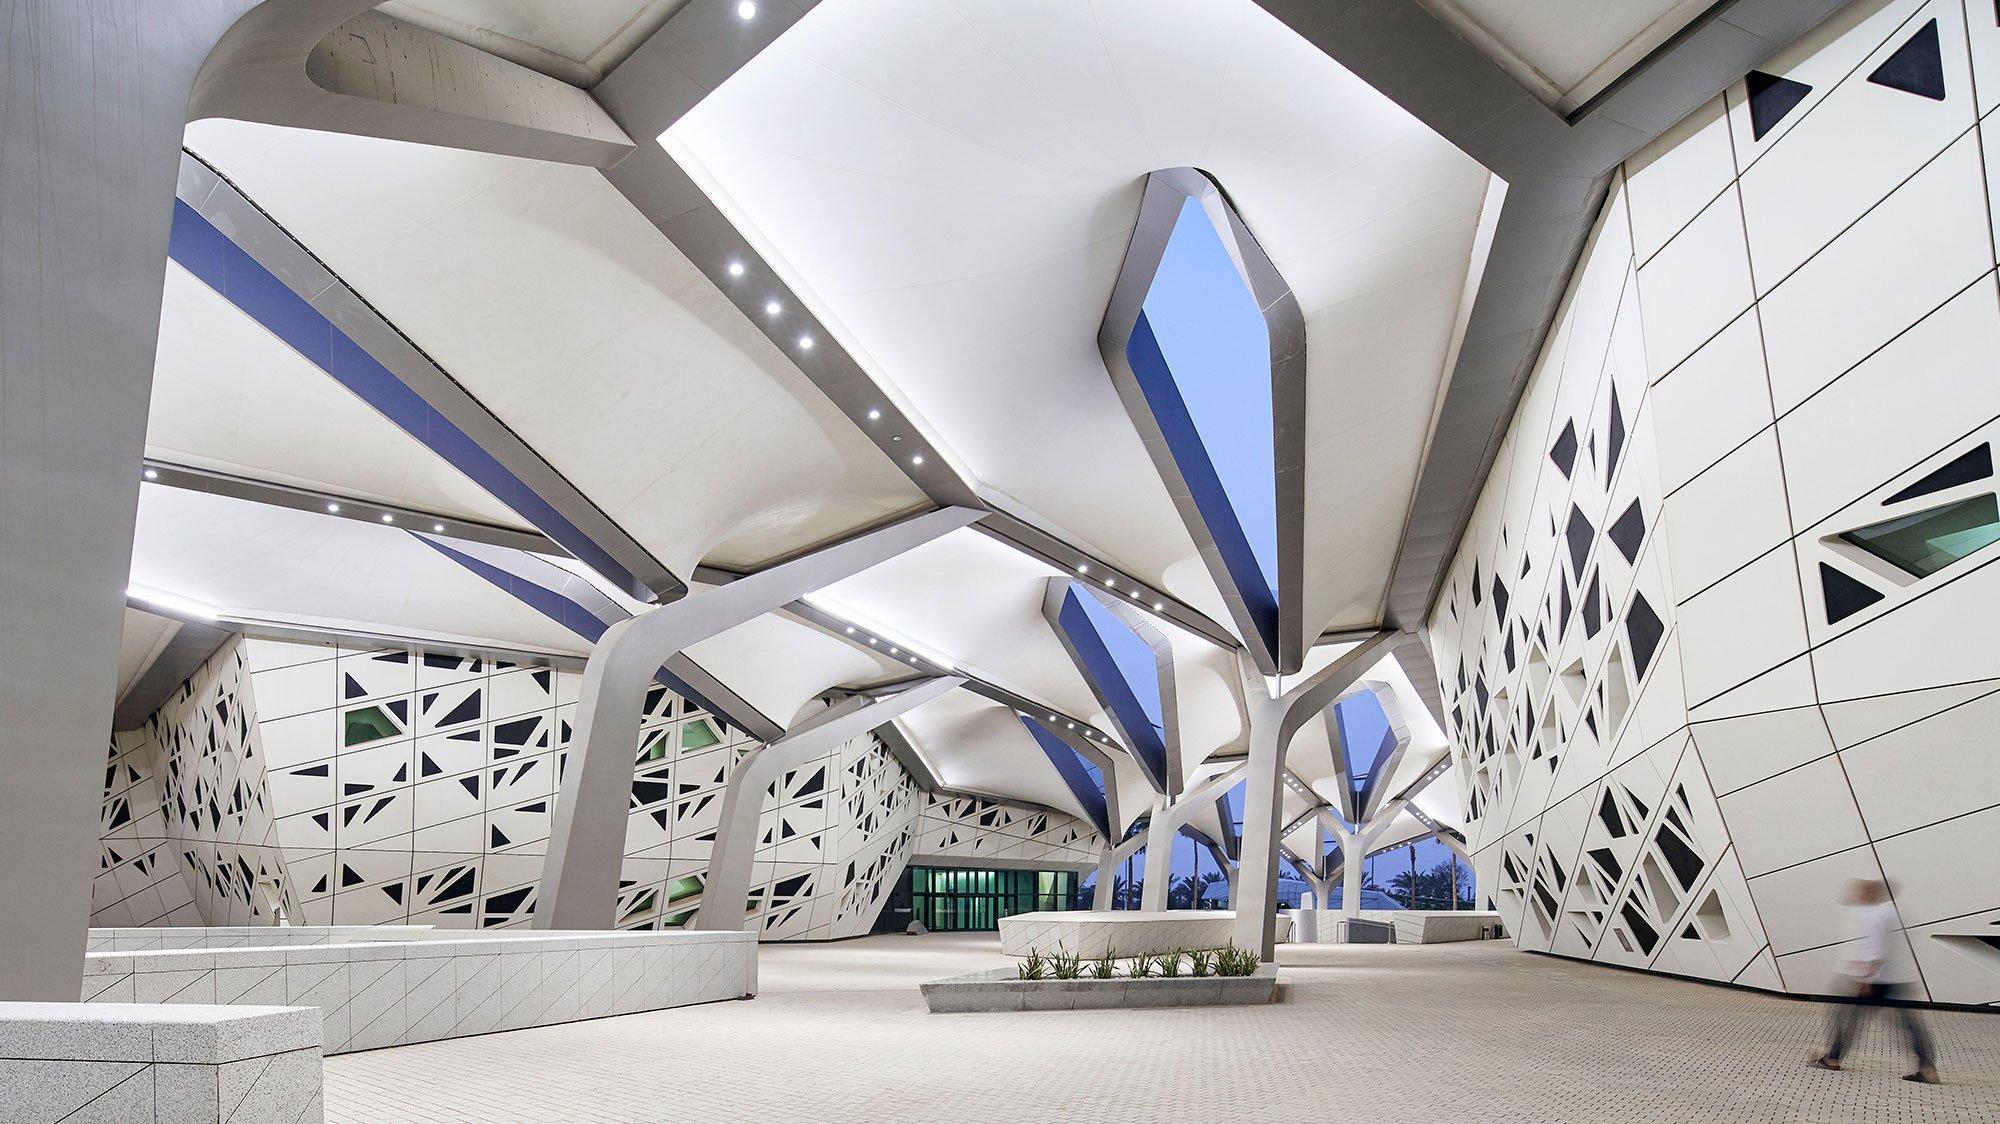 KAPSARC interior atrium architectural lighting design OVI Chinese